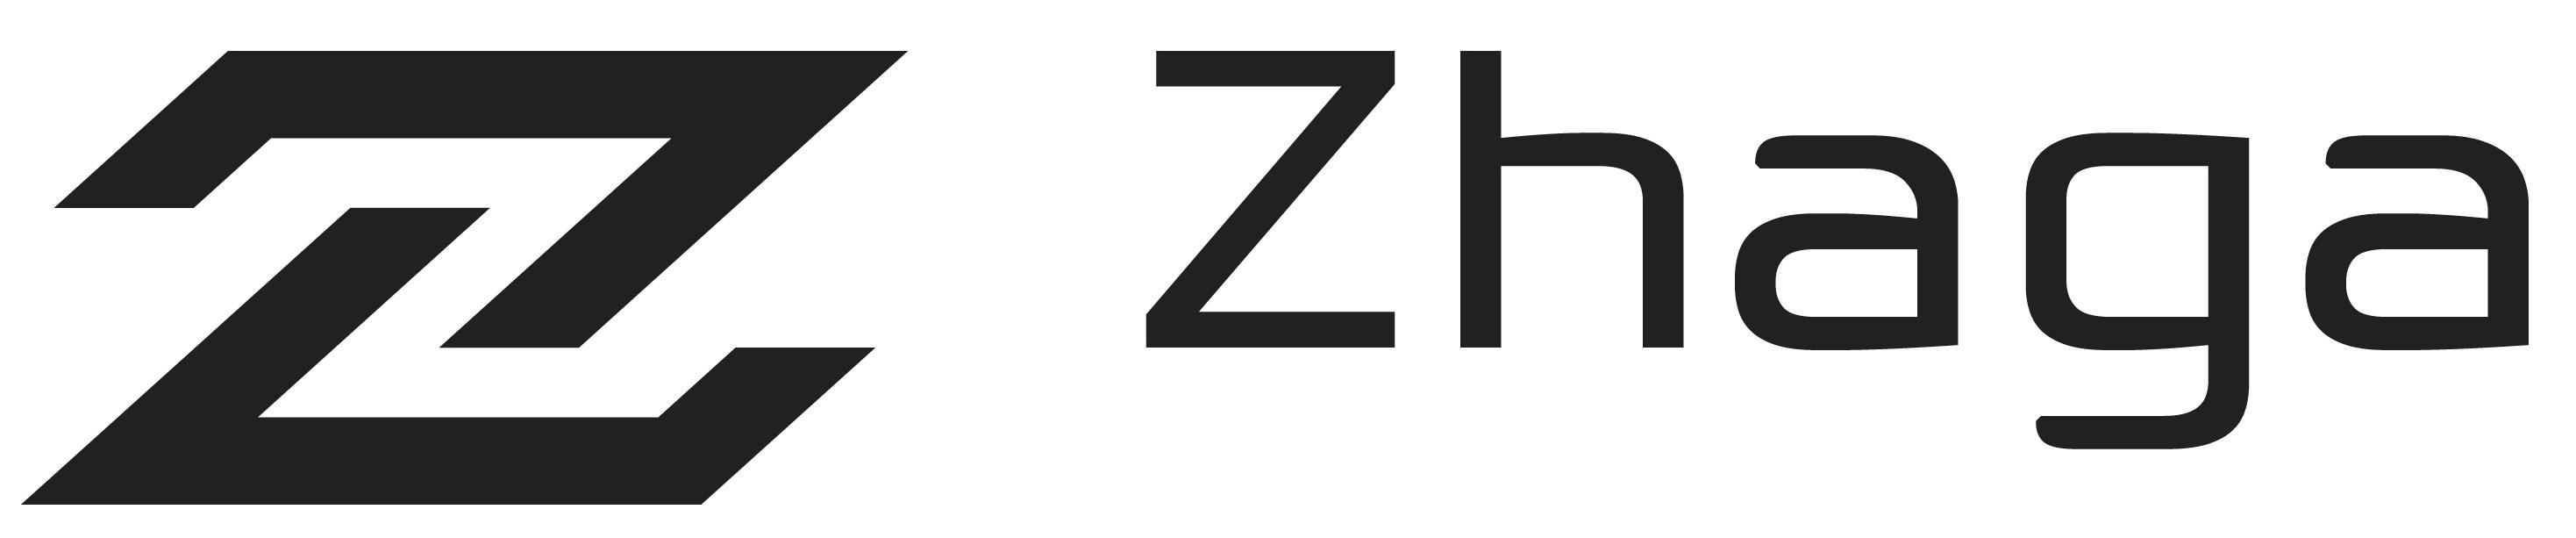 Prima Di Comprare Led, Sai Cos'è Lo Standard Zhaga ?